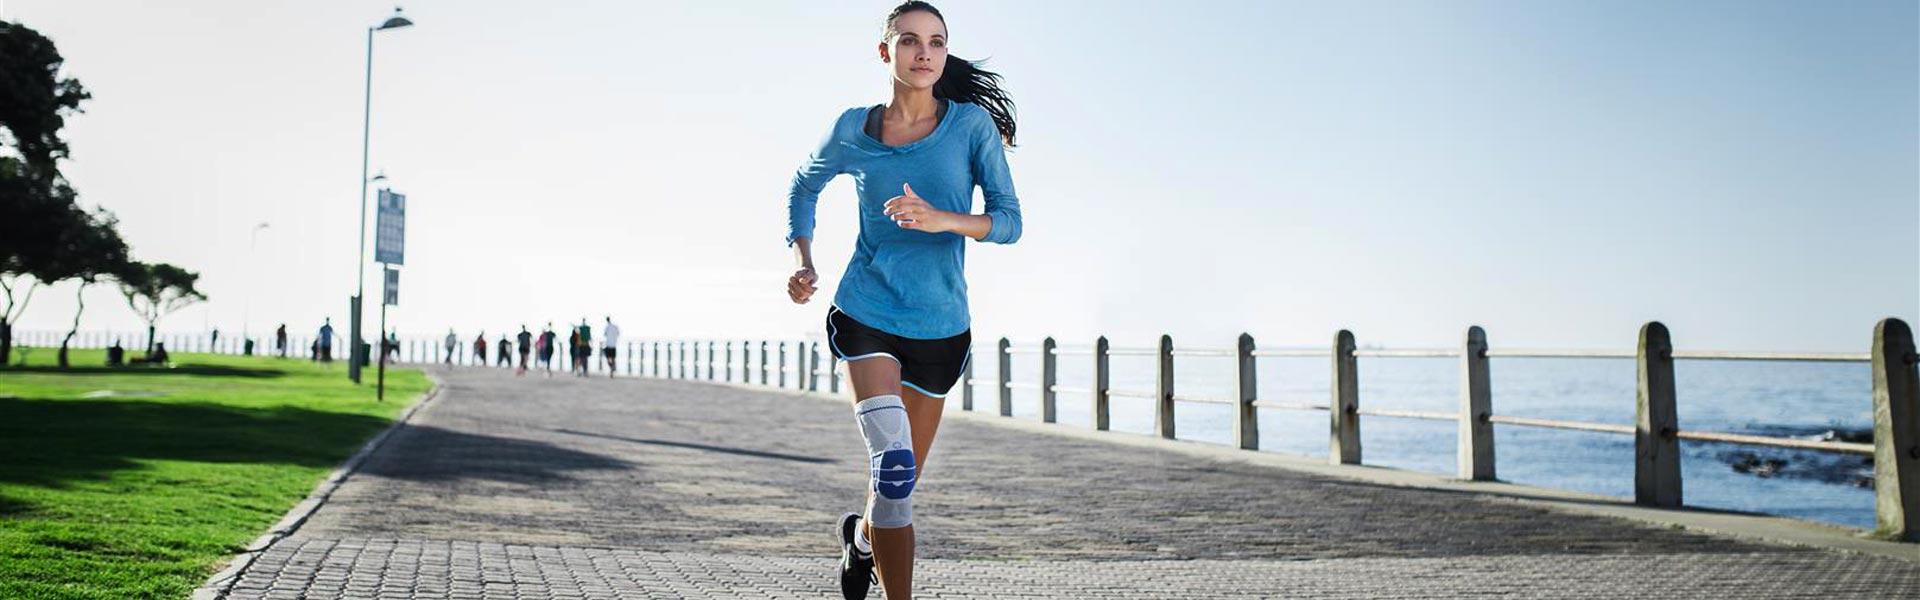 Orthopädie-Schuhtechnik Schwörer in Neustadt hilft Ihnen fit und mobil zu bleiben